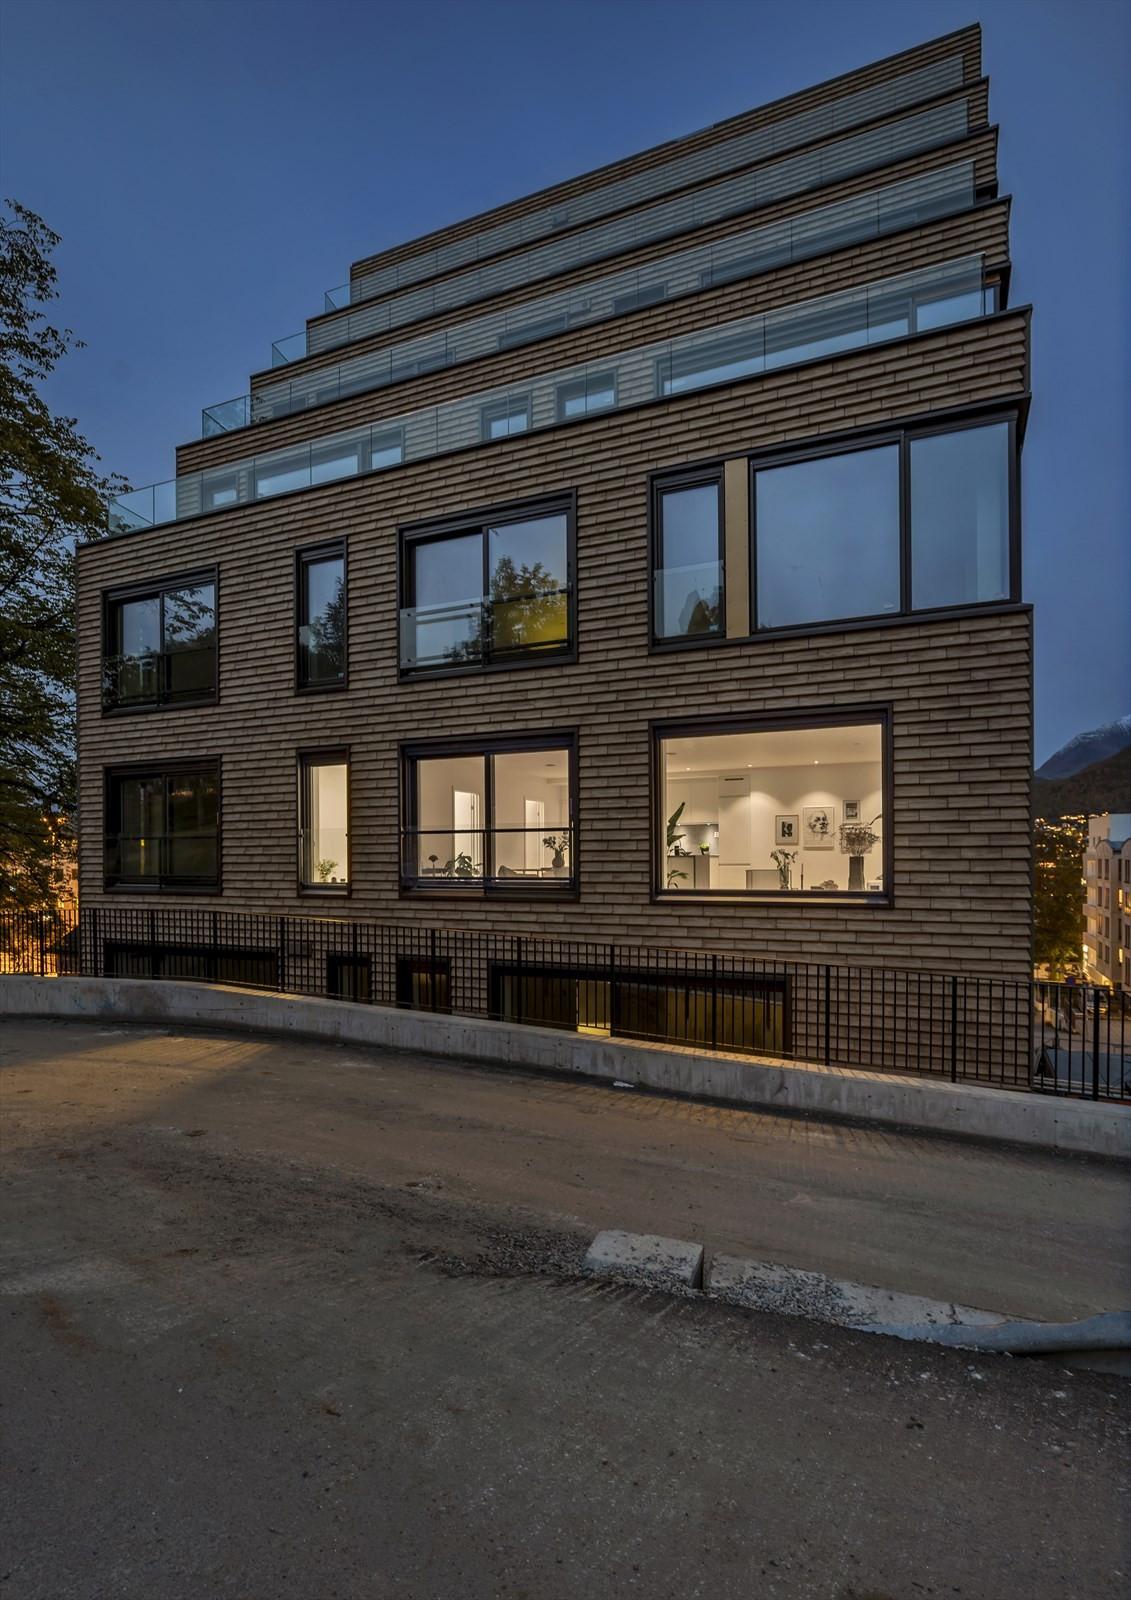 Kveldsstemning på Kongsparken - her fra leilighet 406 som er ferdig innredet og klar innflytting og ny eier